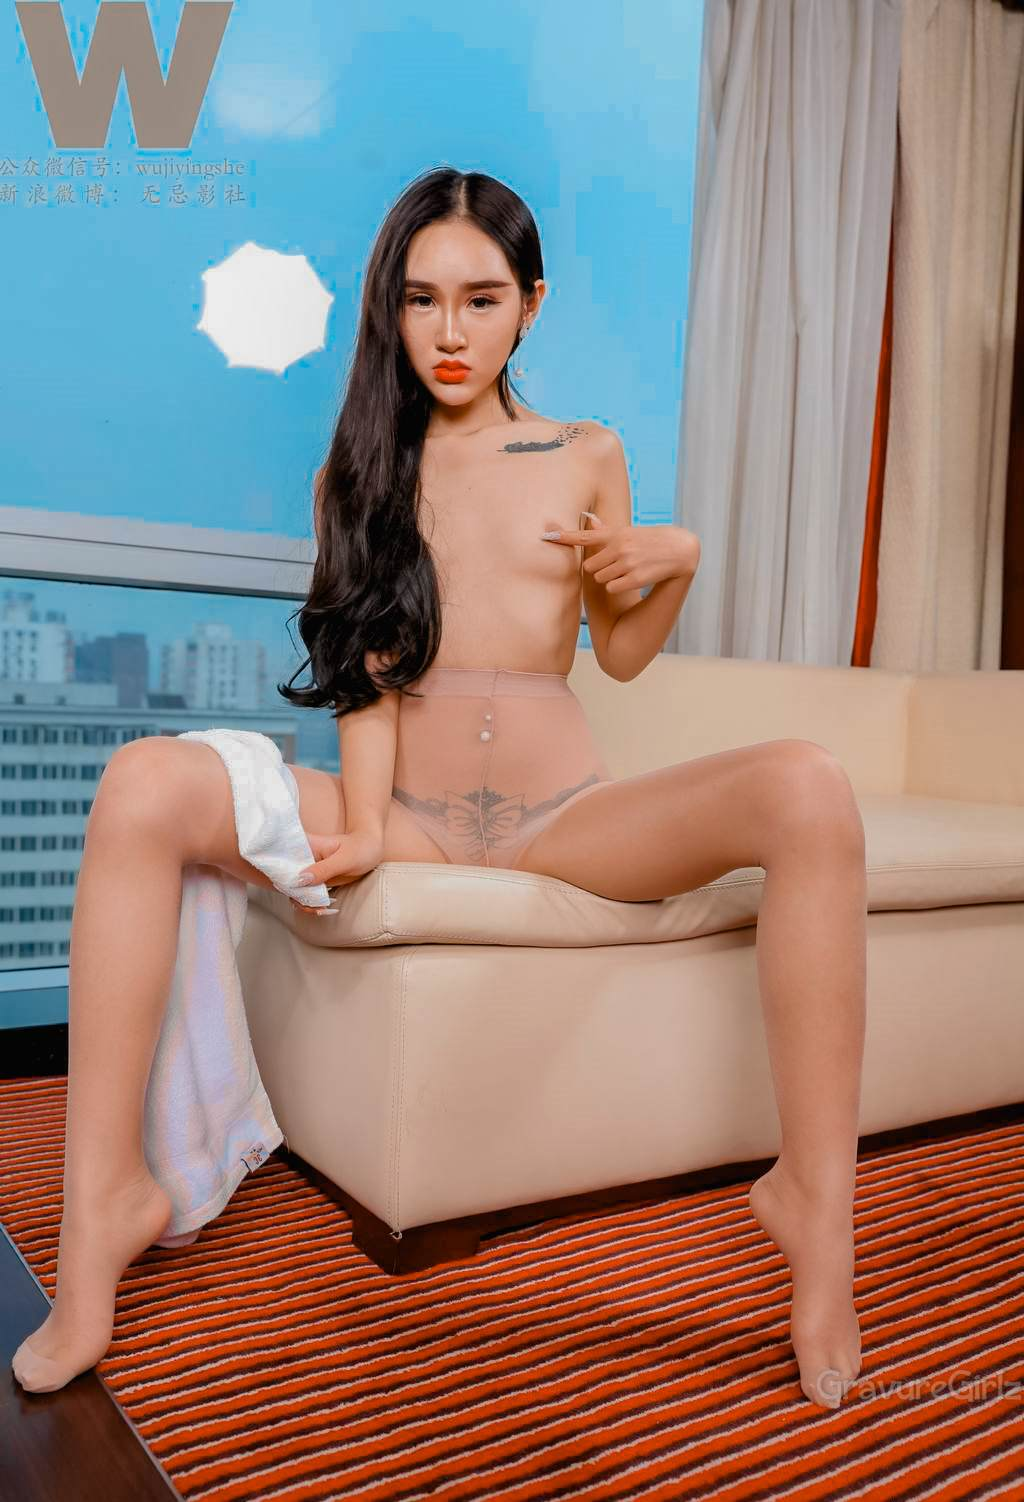 欣杨Kitty Xin Yang | Nude Art | WuJiYingShe无忌影社 | | - Photo ...